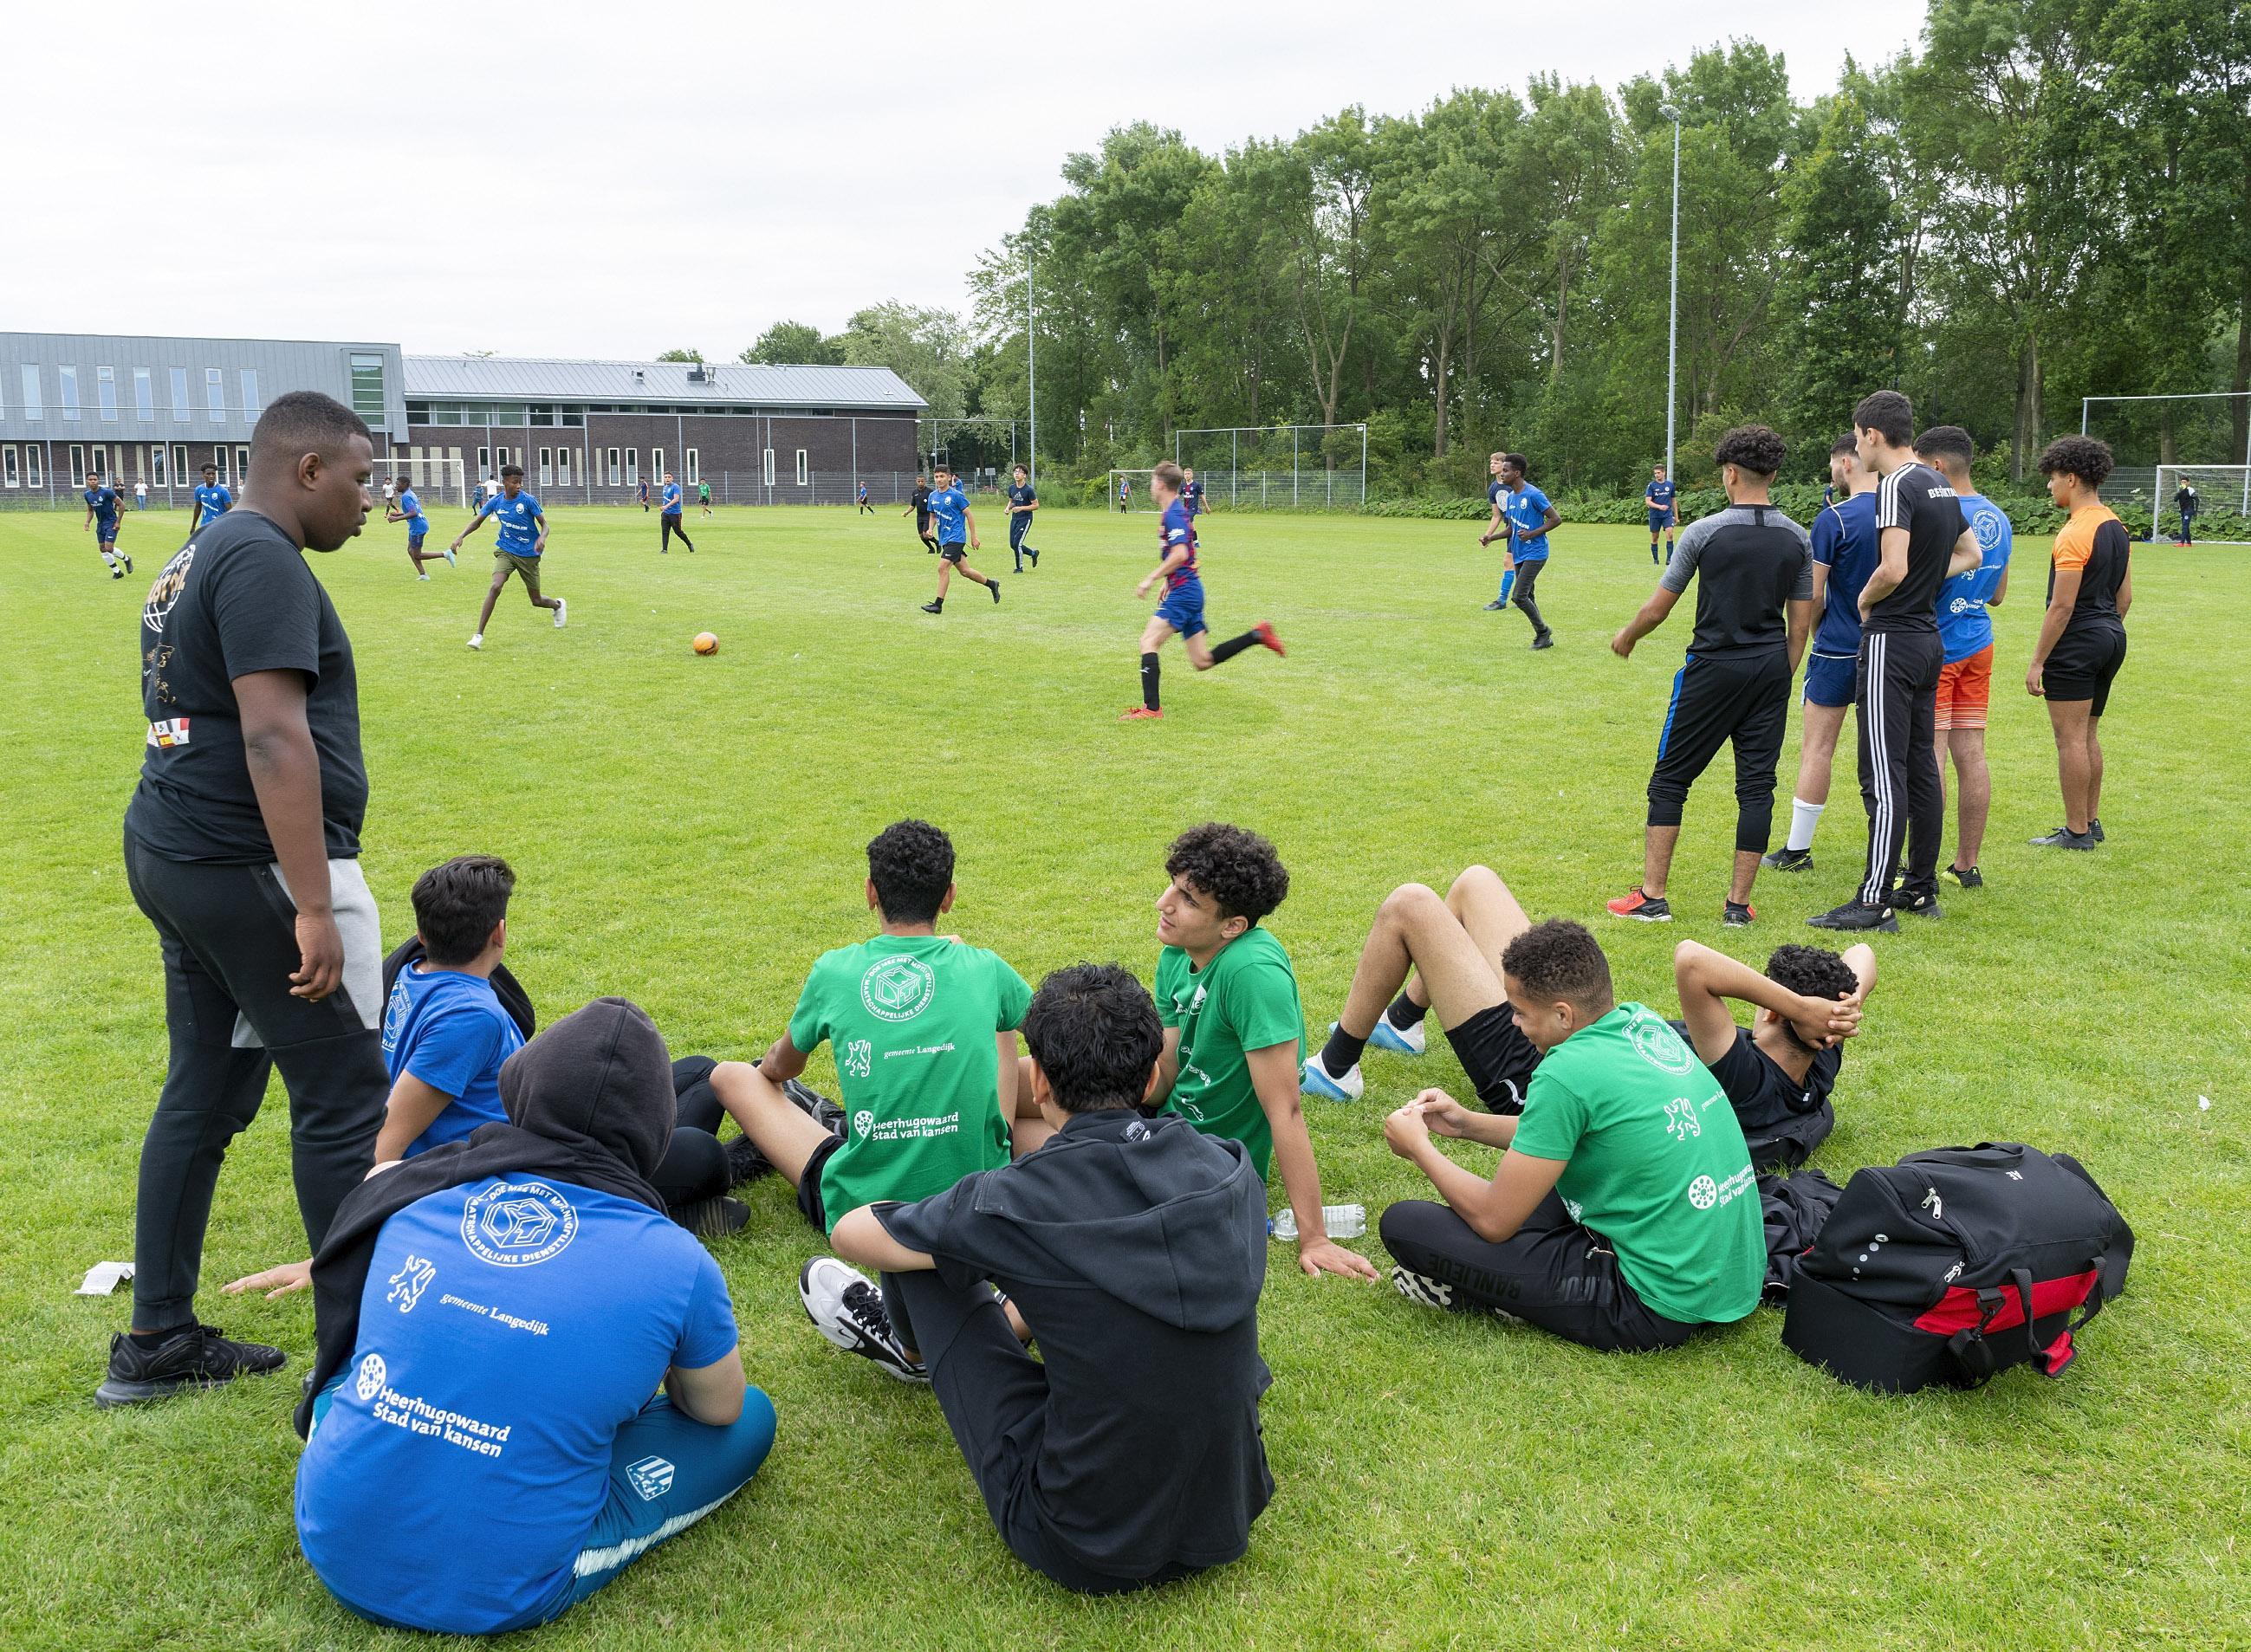 'Ik had niet verwacht dat het niveau zo hoog zou zijn.' Jermaine (15), jeugdspeler van Ajax, doet mee aan het voetbaltoernooi dat door jongeren uit Heerhugowaard en Langedijk zelf wordt georganiseerd.